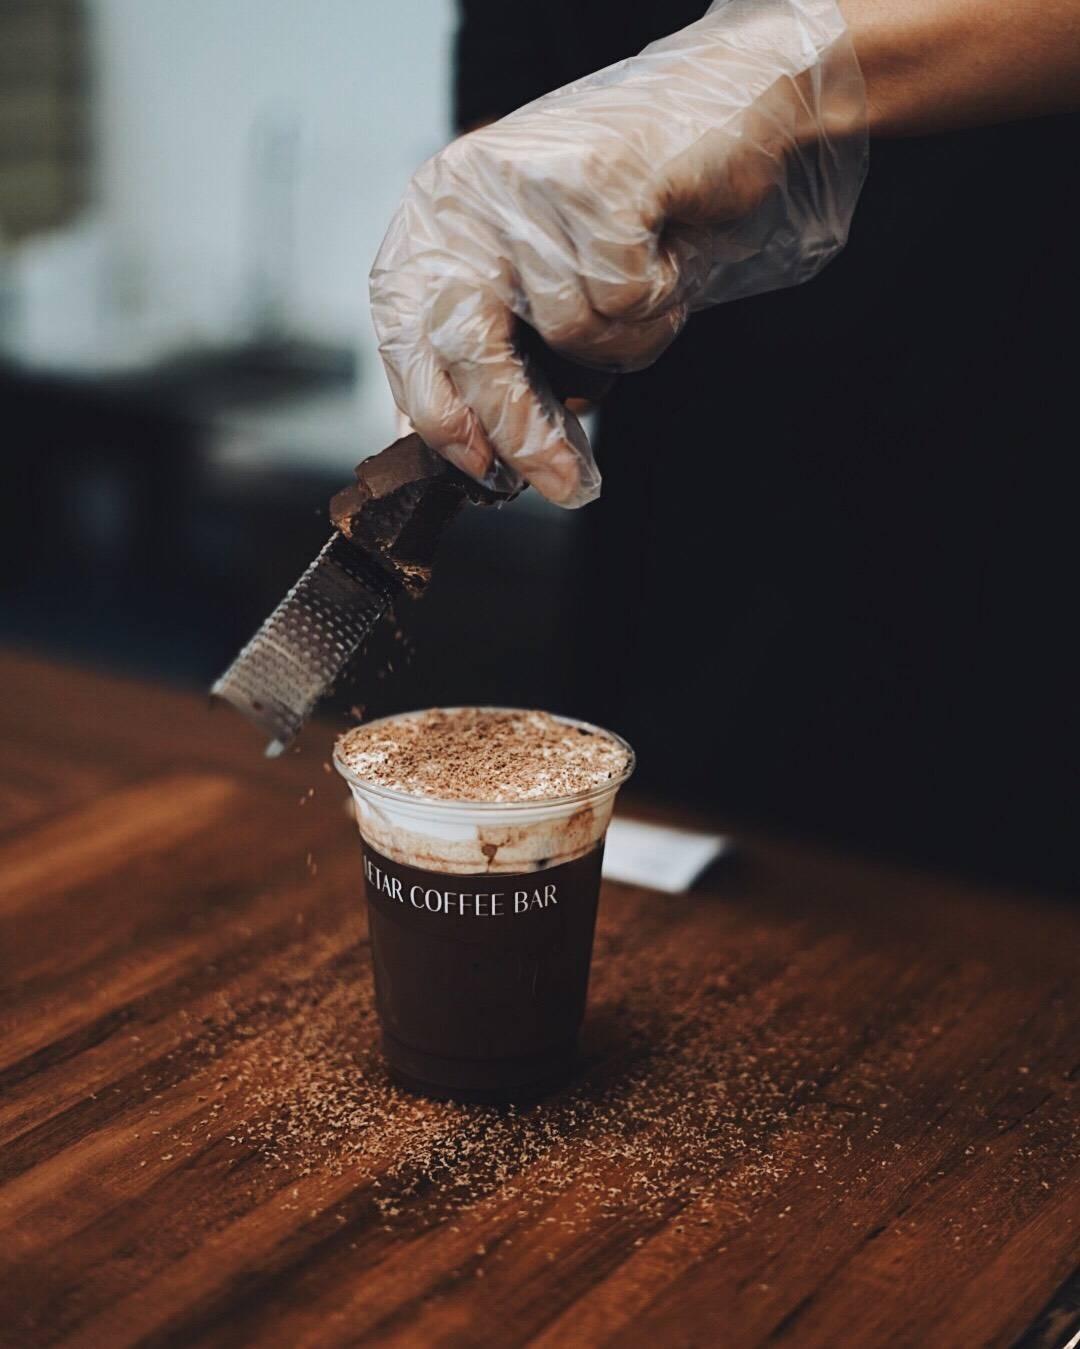 LETAR Coffee Bar